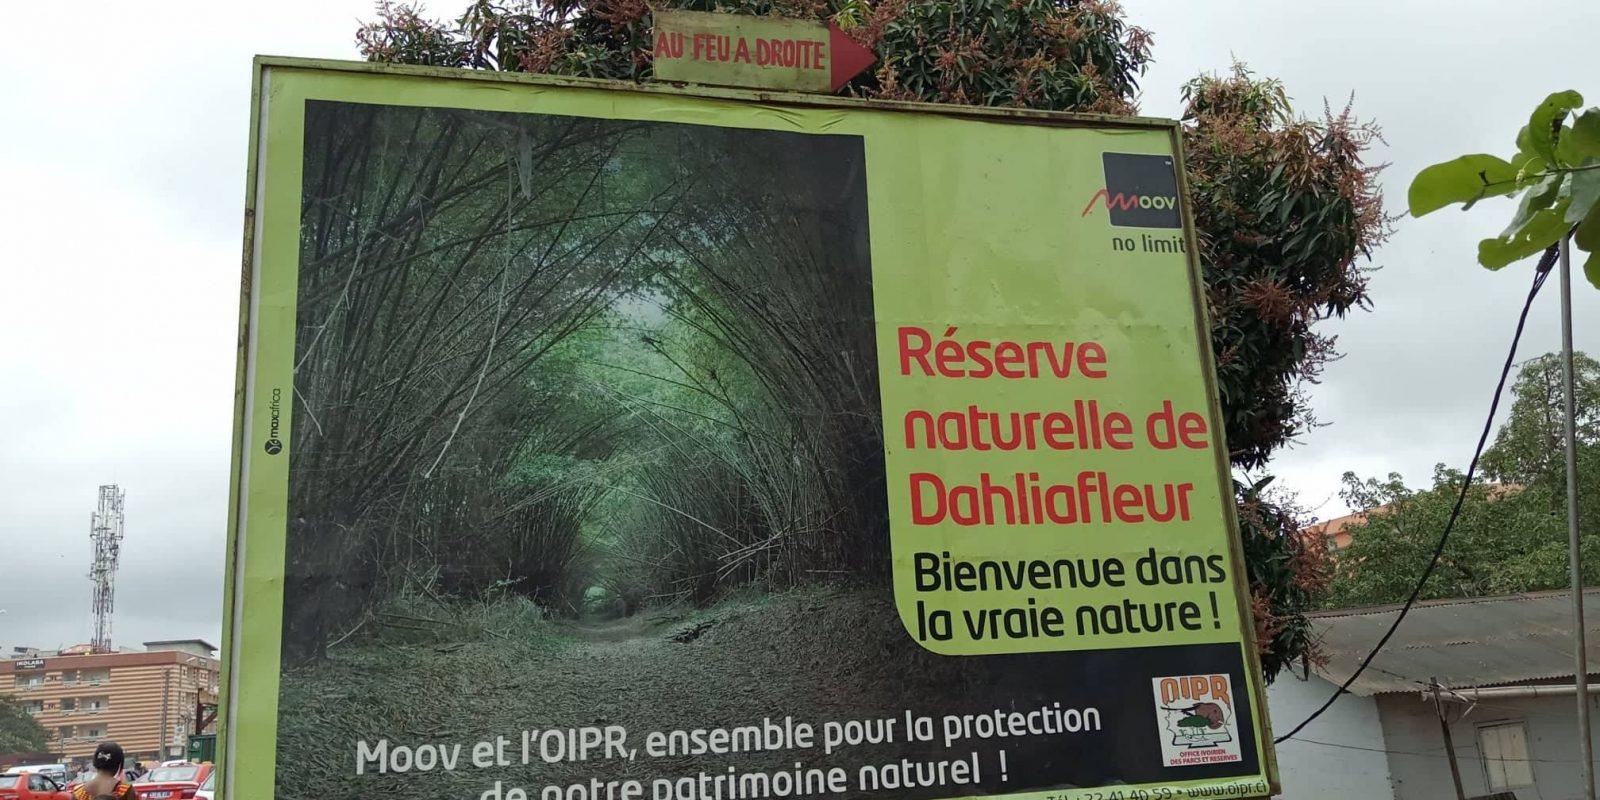 Réserve Naturelle de Dahliafleur